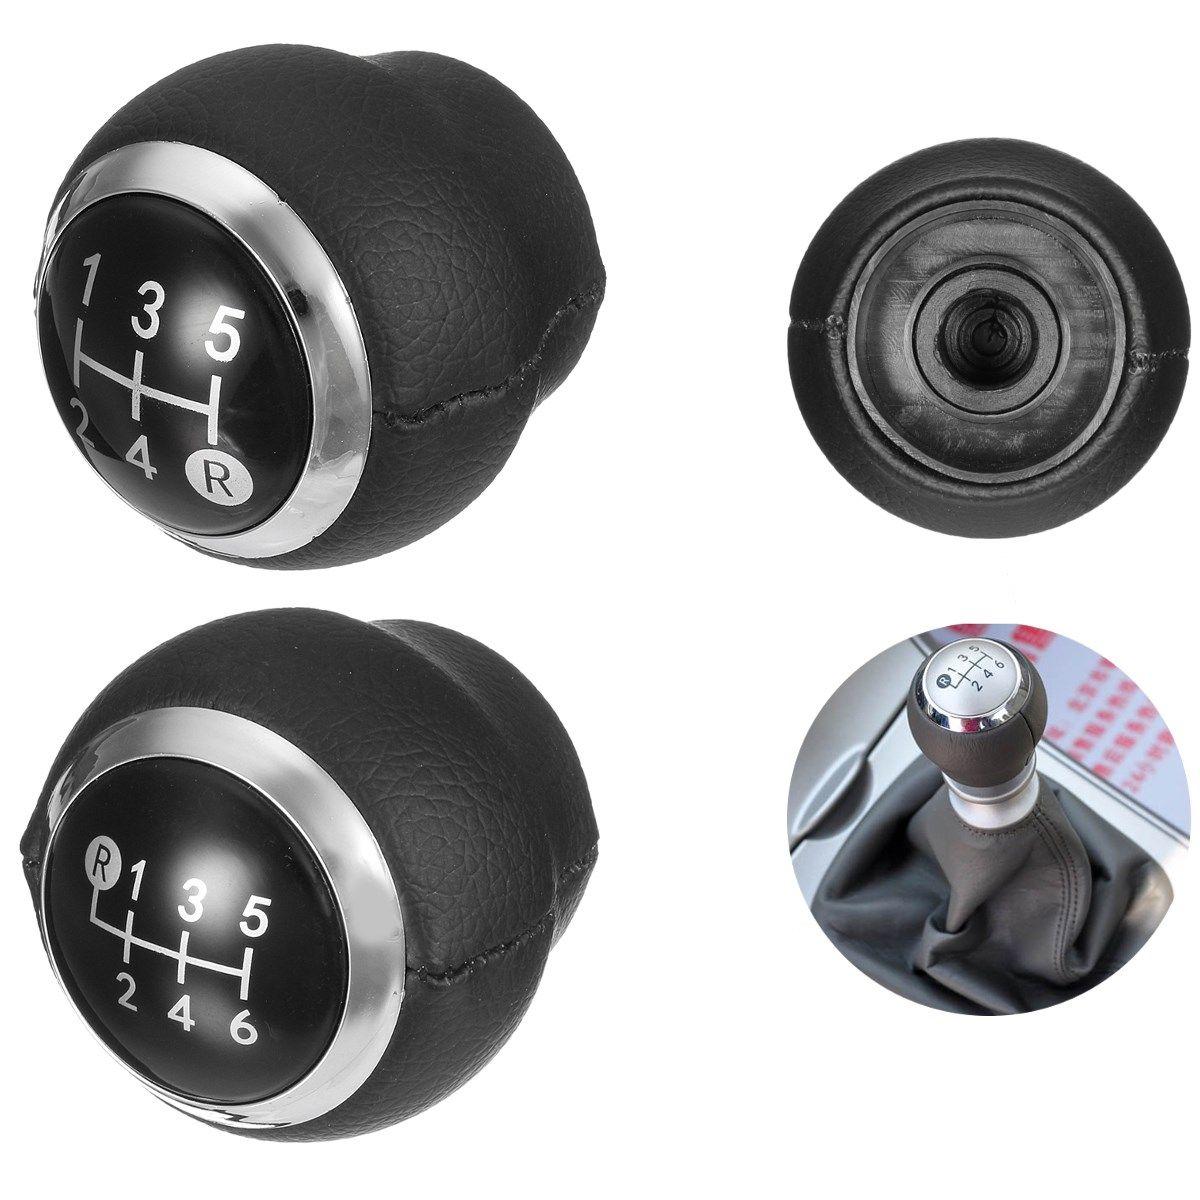 Car Manual Gear Stick Shift Knob Shifter For Toyota Corolla Verso Yaris RAV4 AURIS 2007 2008 2009 2010 2011 2012 2013